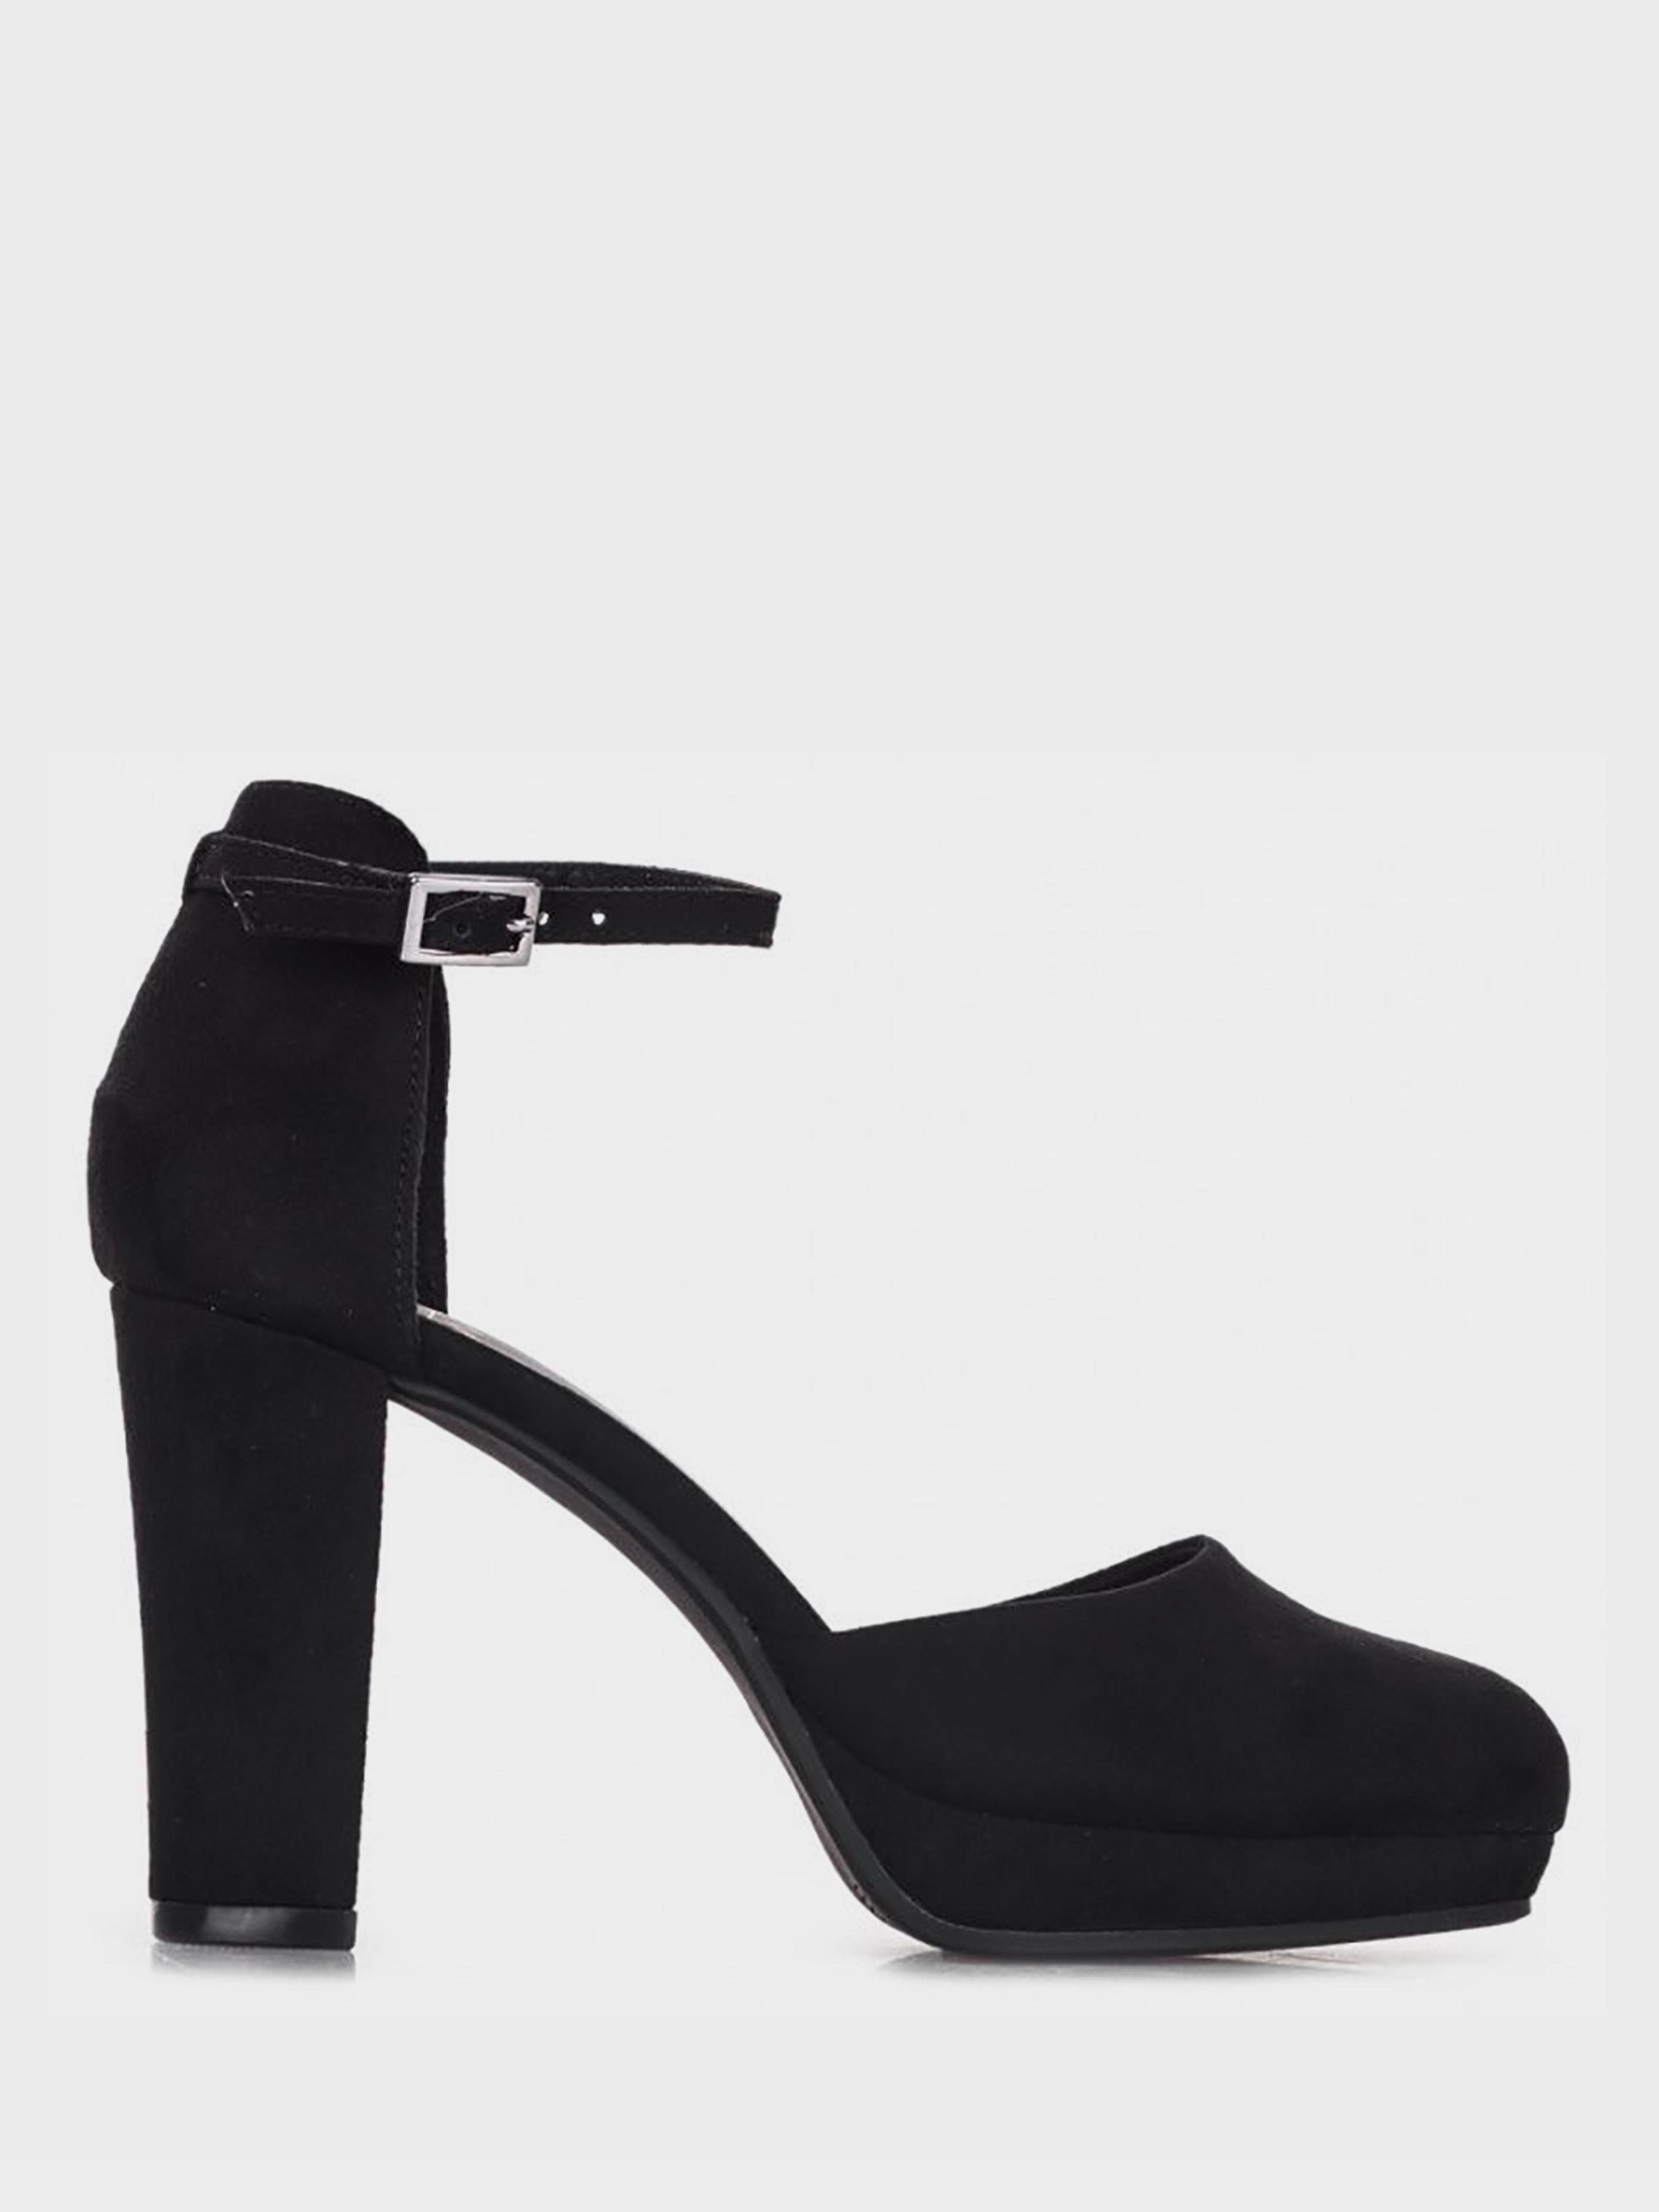 Босоножки для женщин M Wone OI127 размерная сетка обуви, 2017